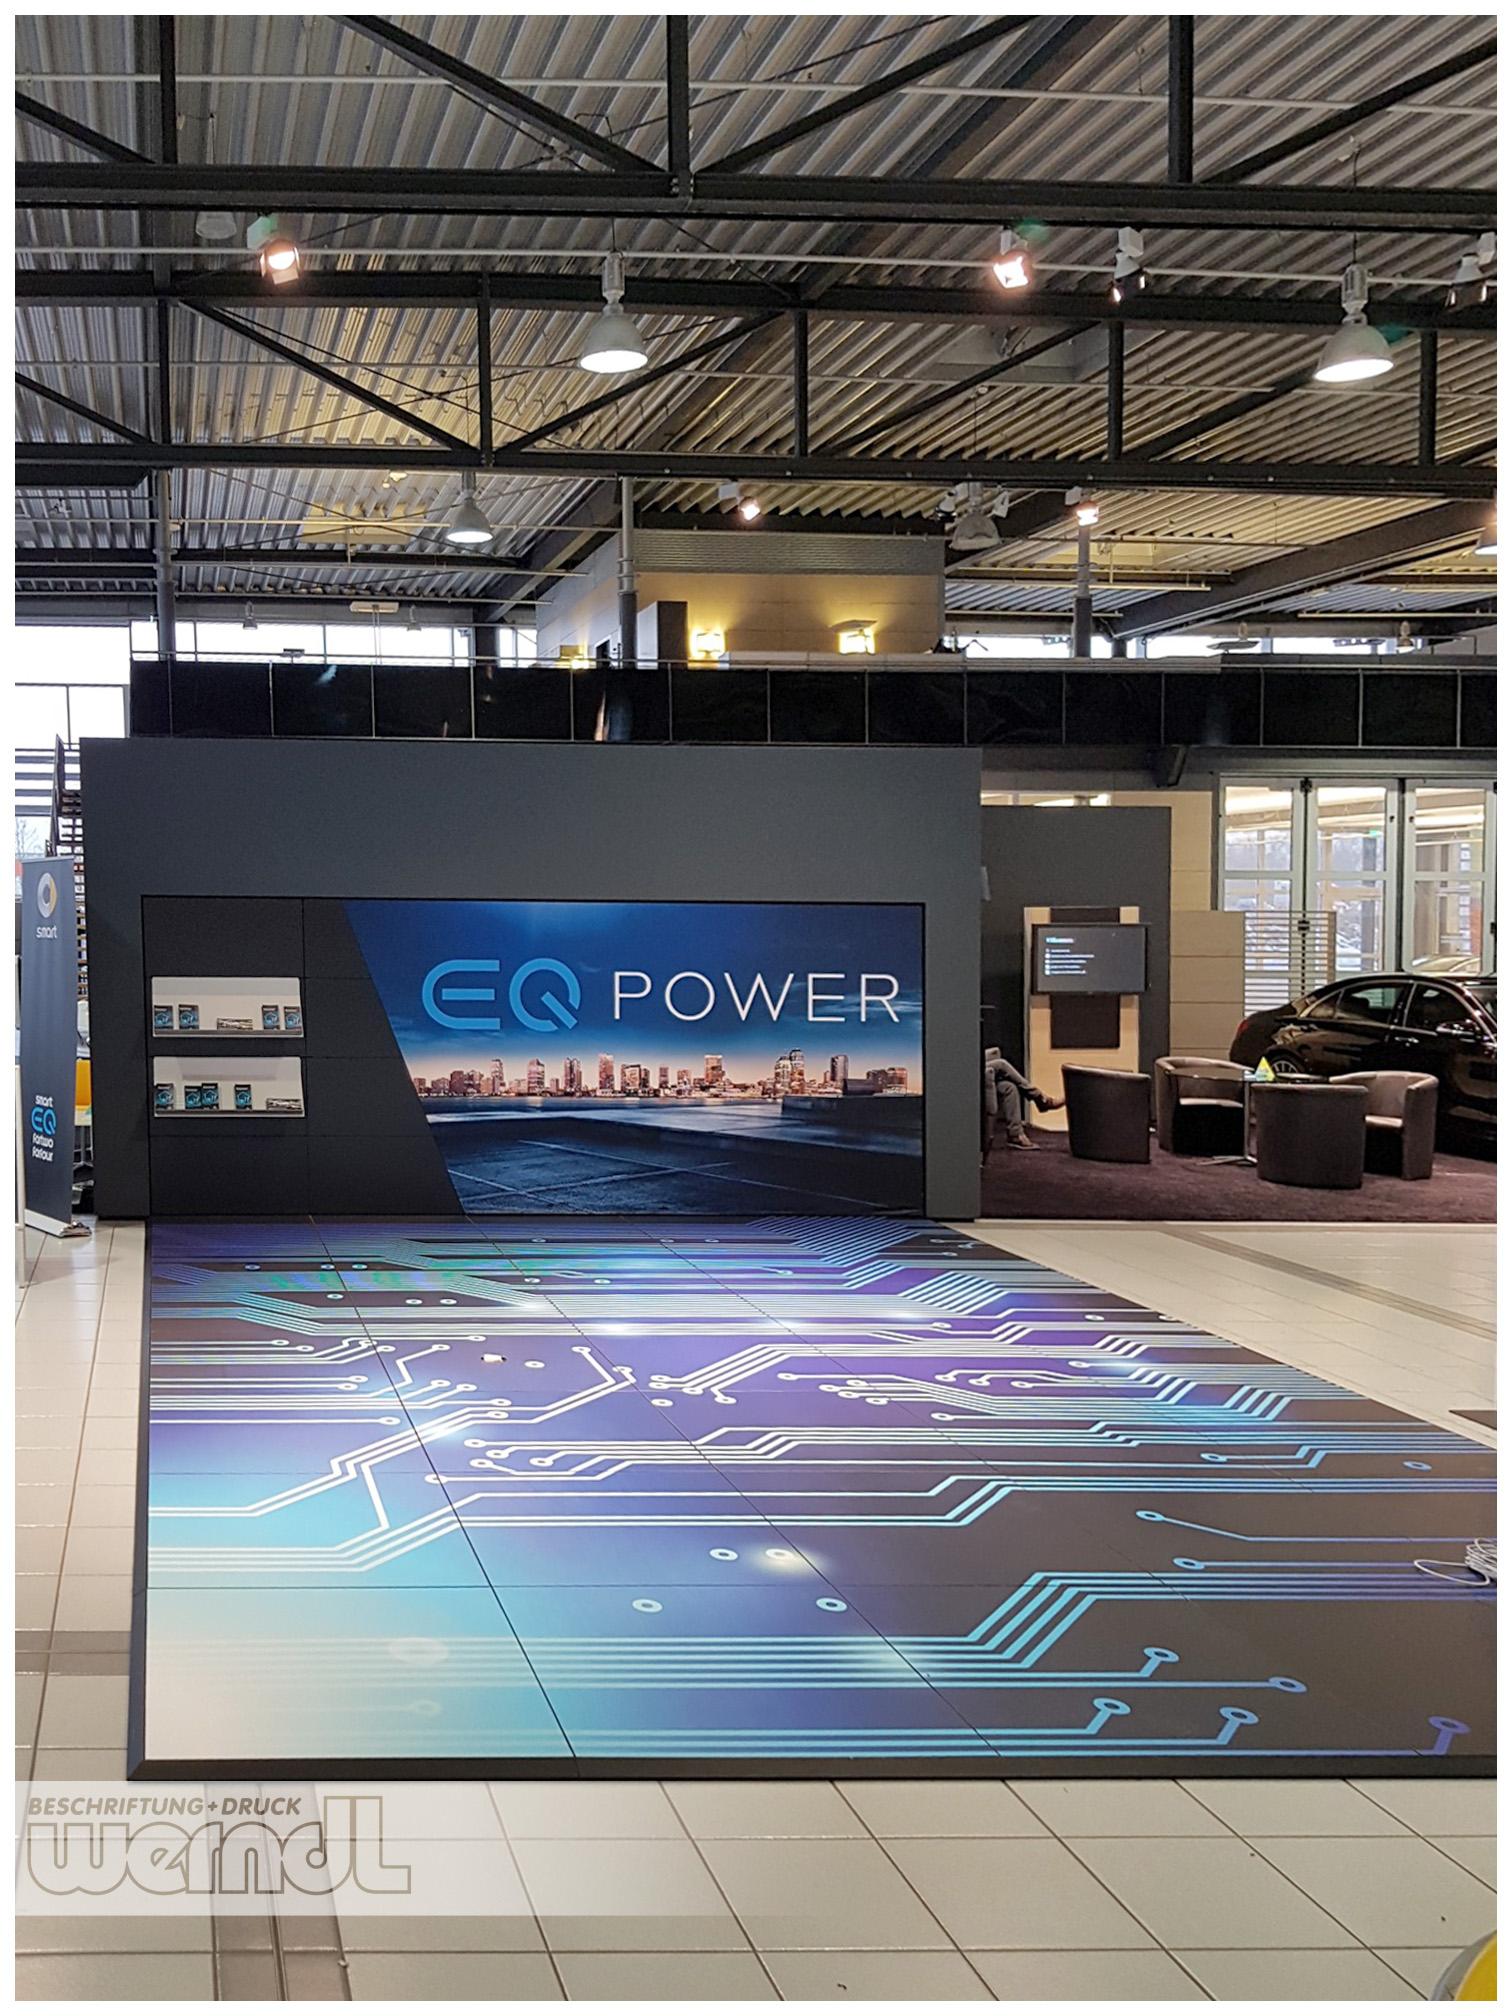 EQ Power Sonderfläche